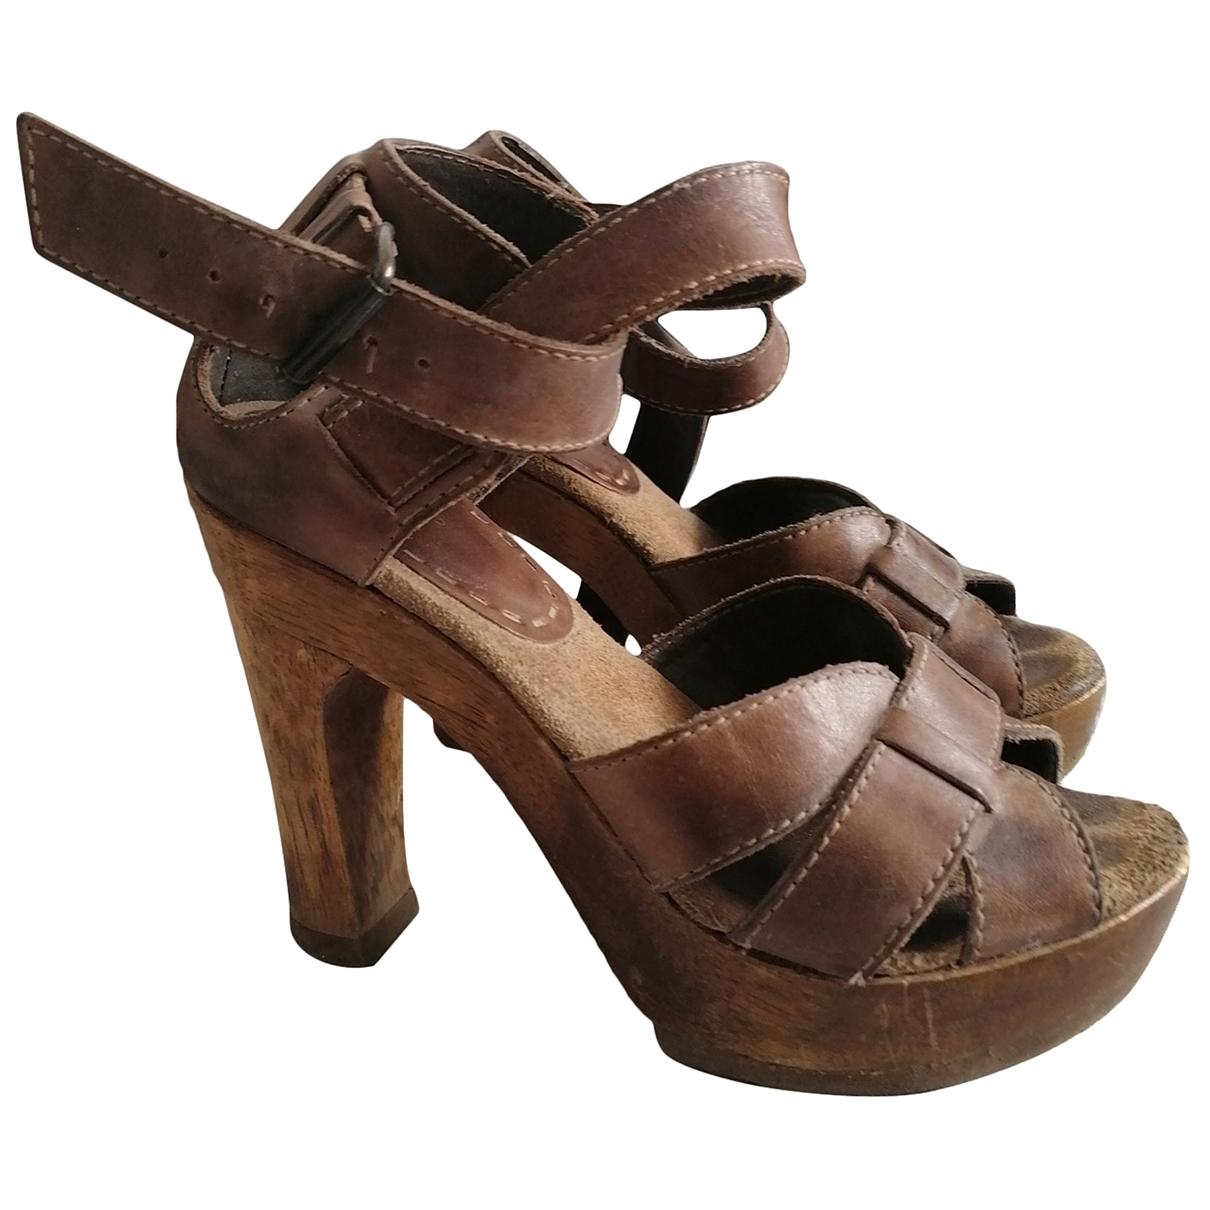 Topshop - Sandales   pour femme en cuir - marron